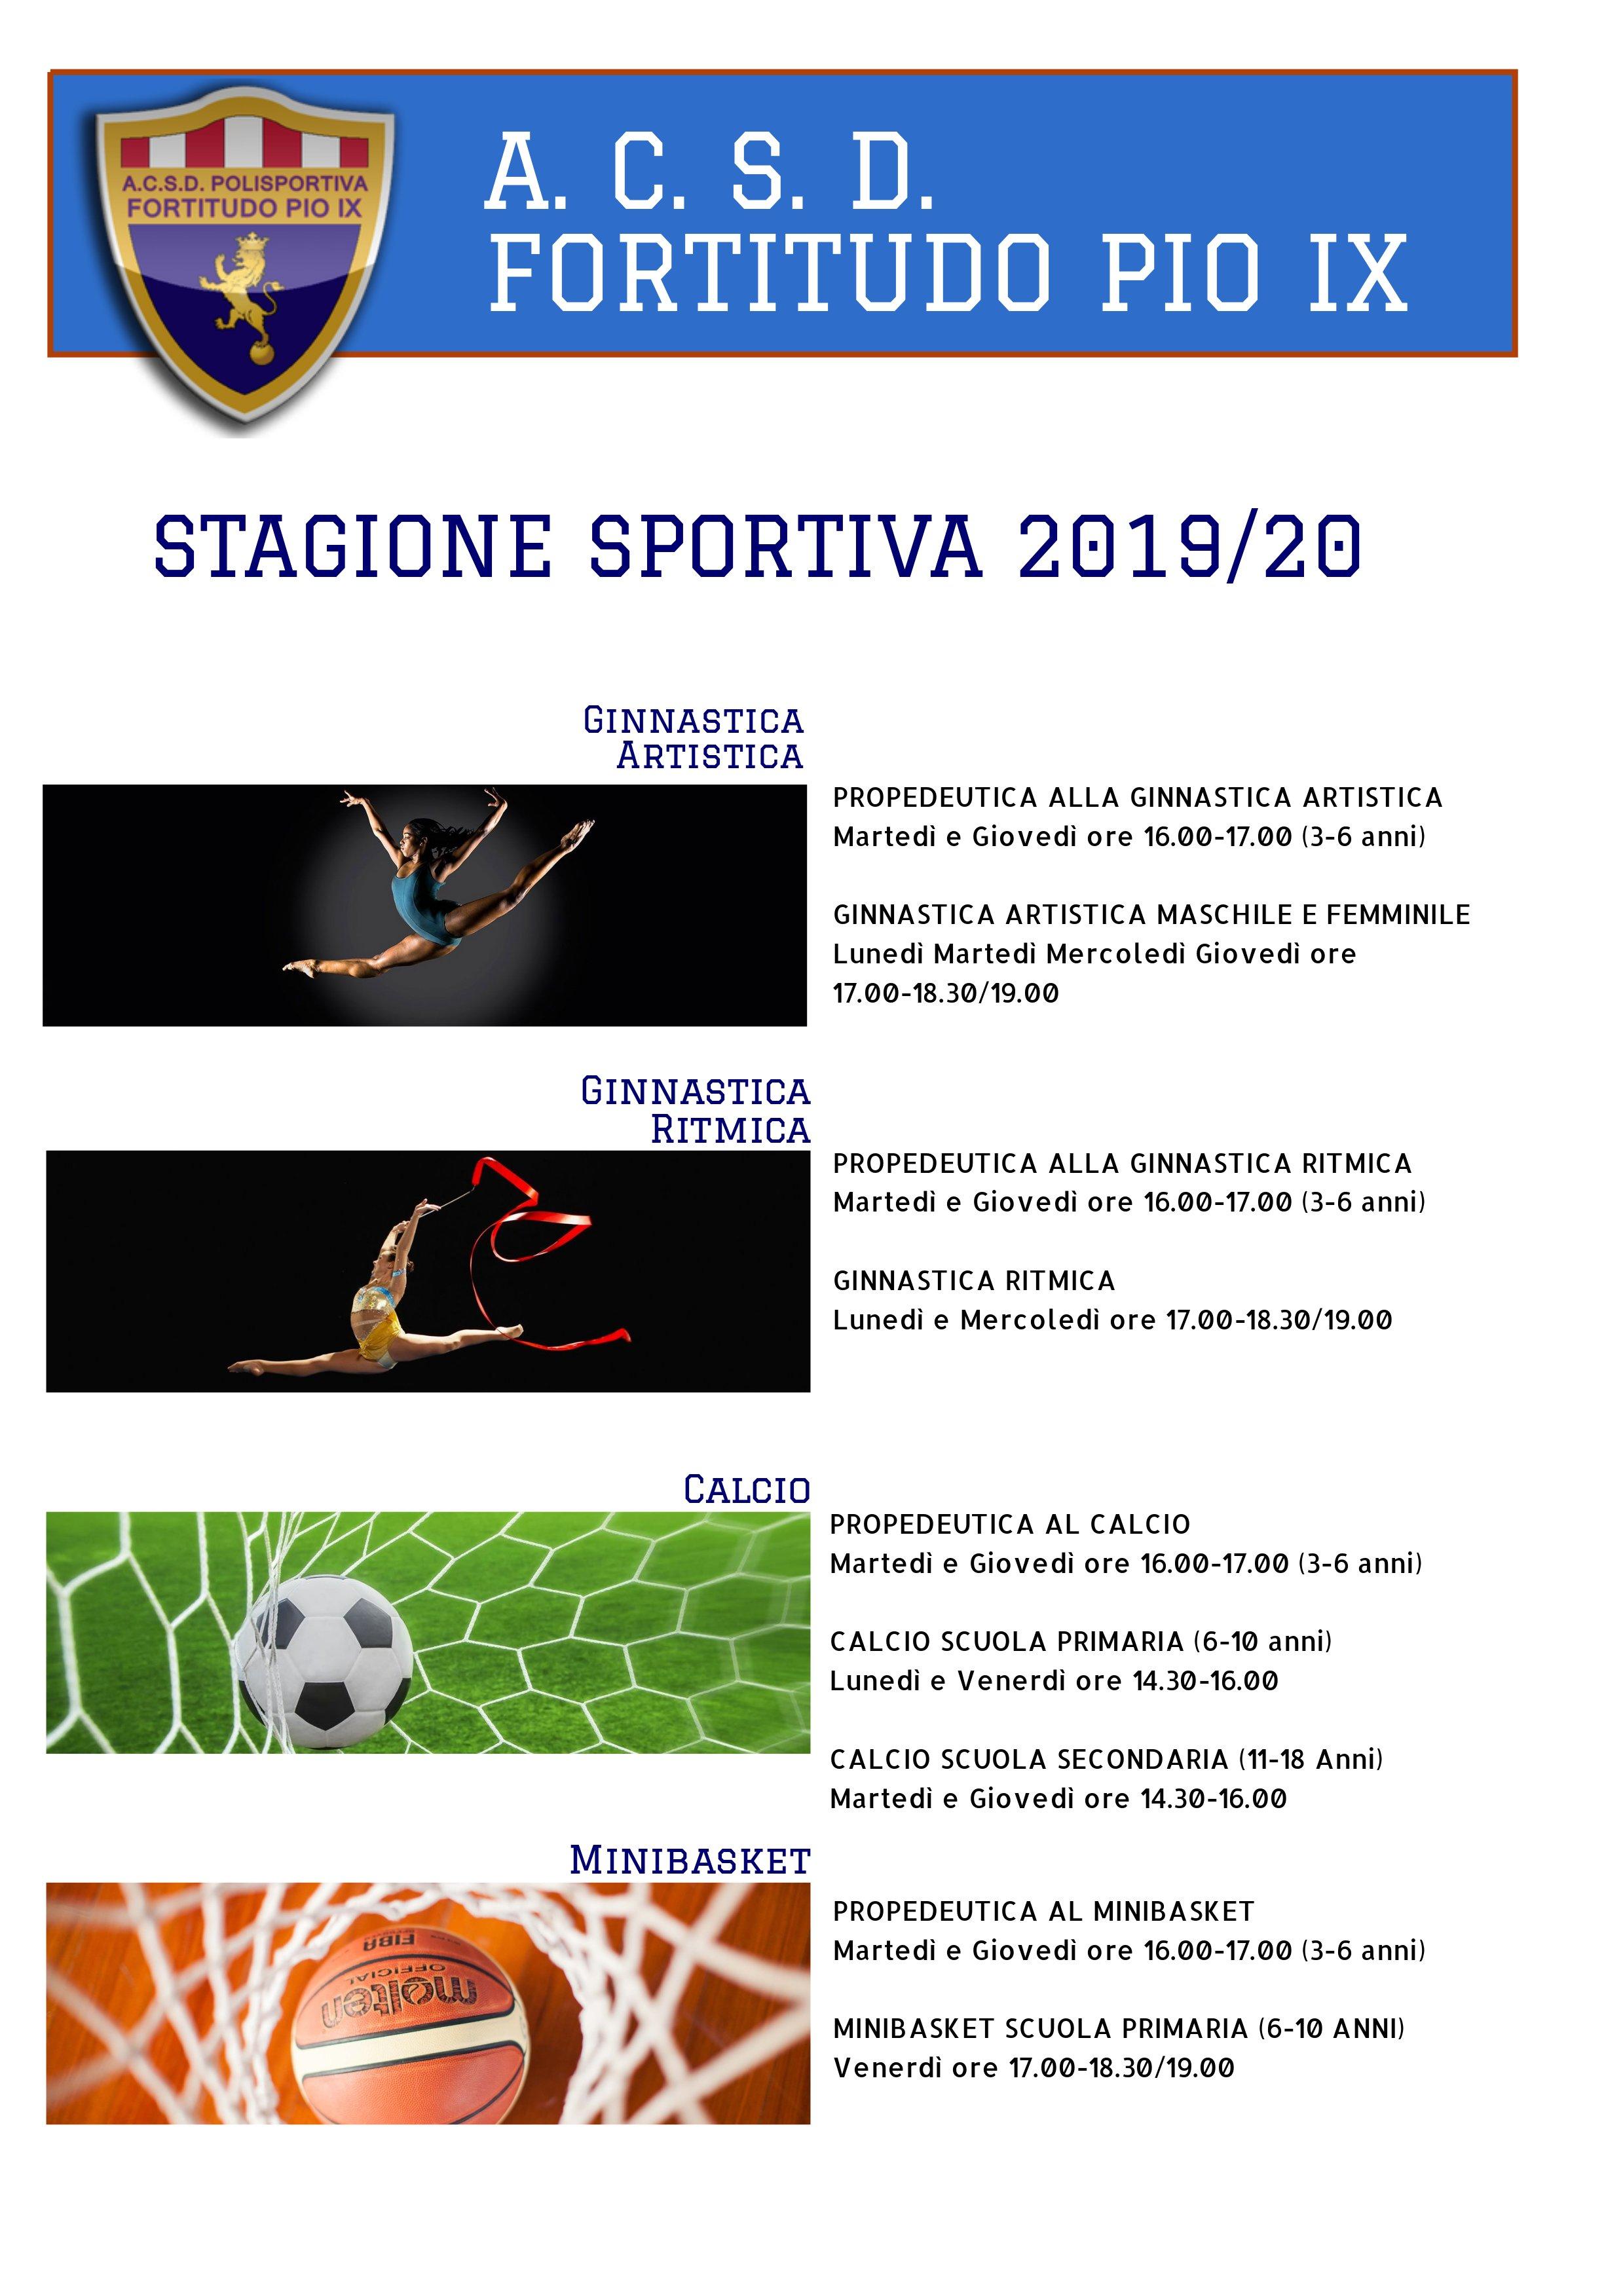 Calendario Fortitudo 2020.Attivita Sportive Stagione 2019 2020 Acsd Fortitudo Pio Ix